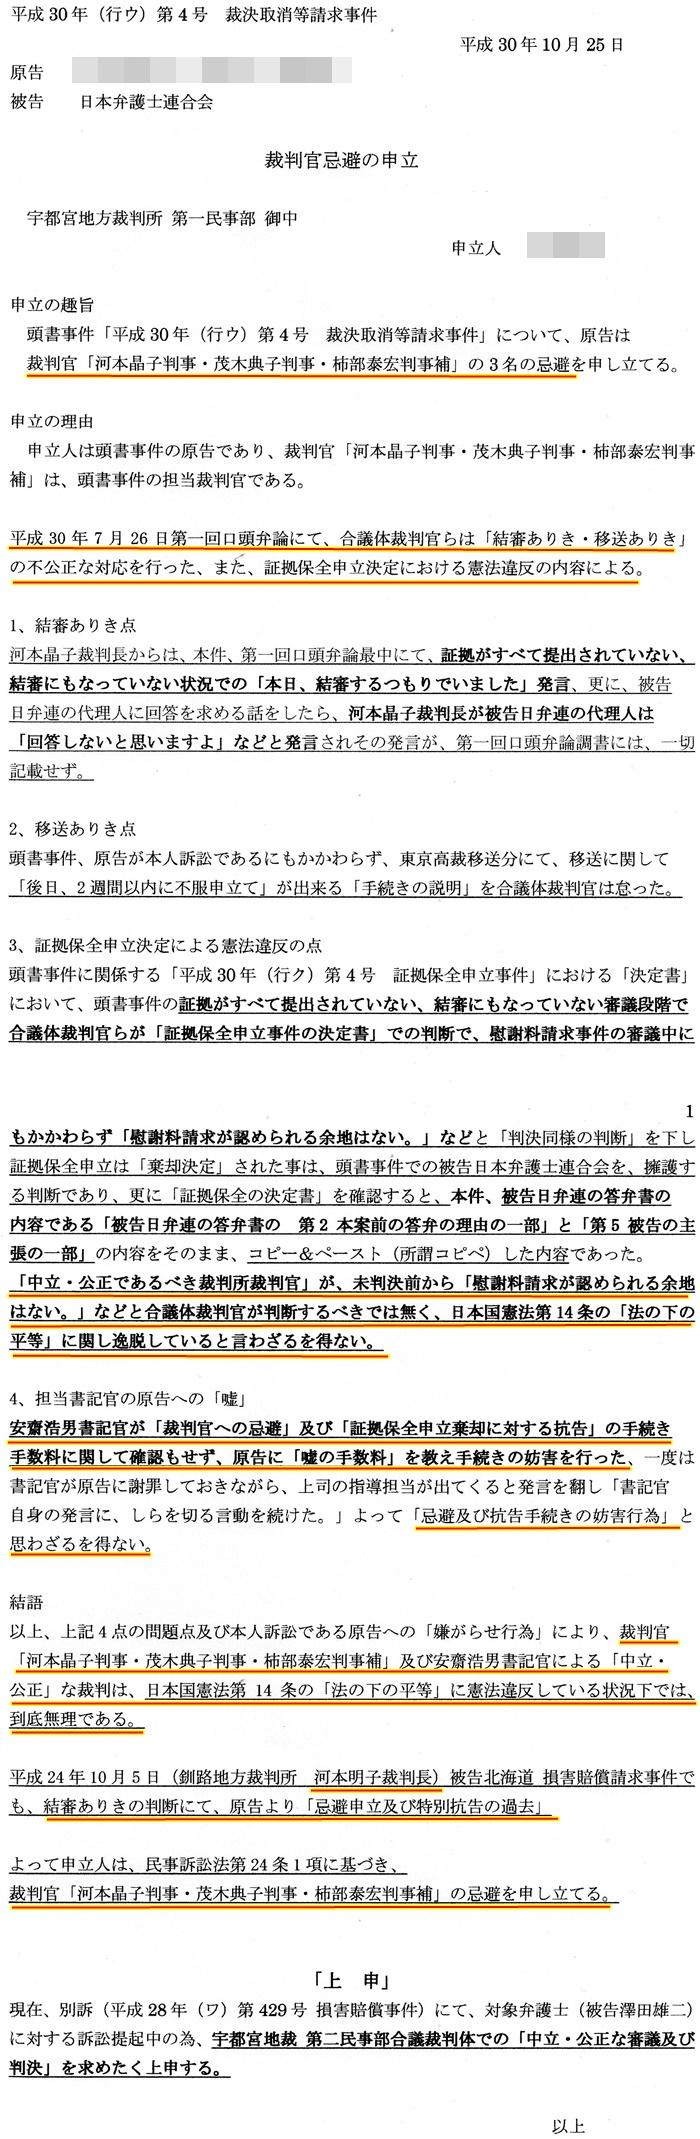 忌避申立・トンデモ裁判官「河本晶子判事」「茂木典子判事」「柿部泰宏判事補」被告日弁連